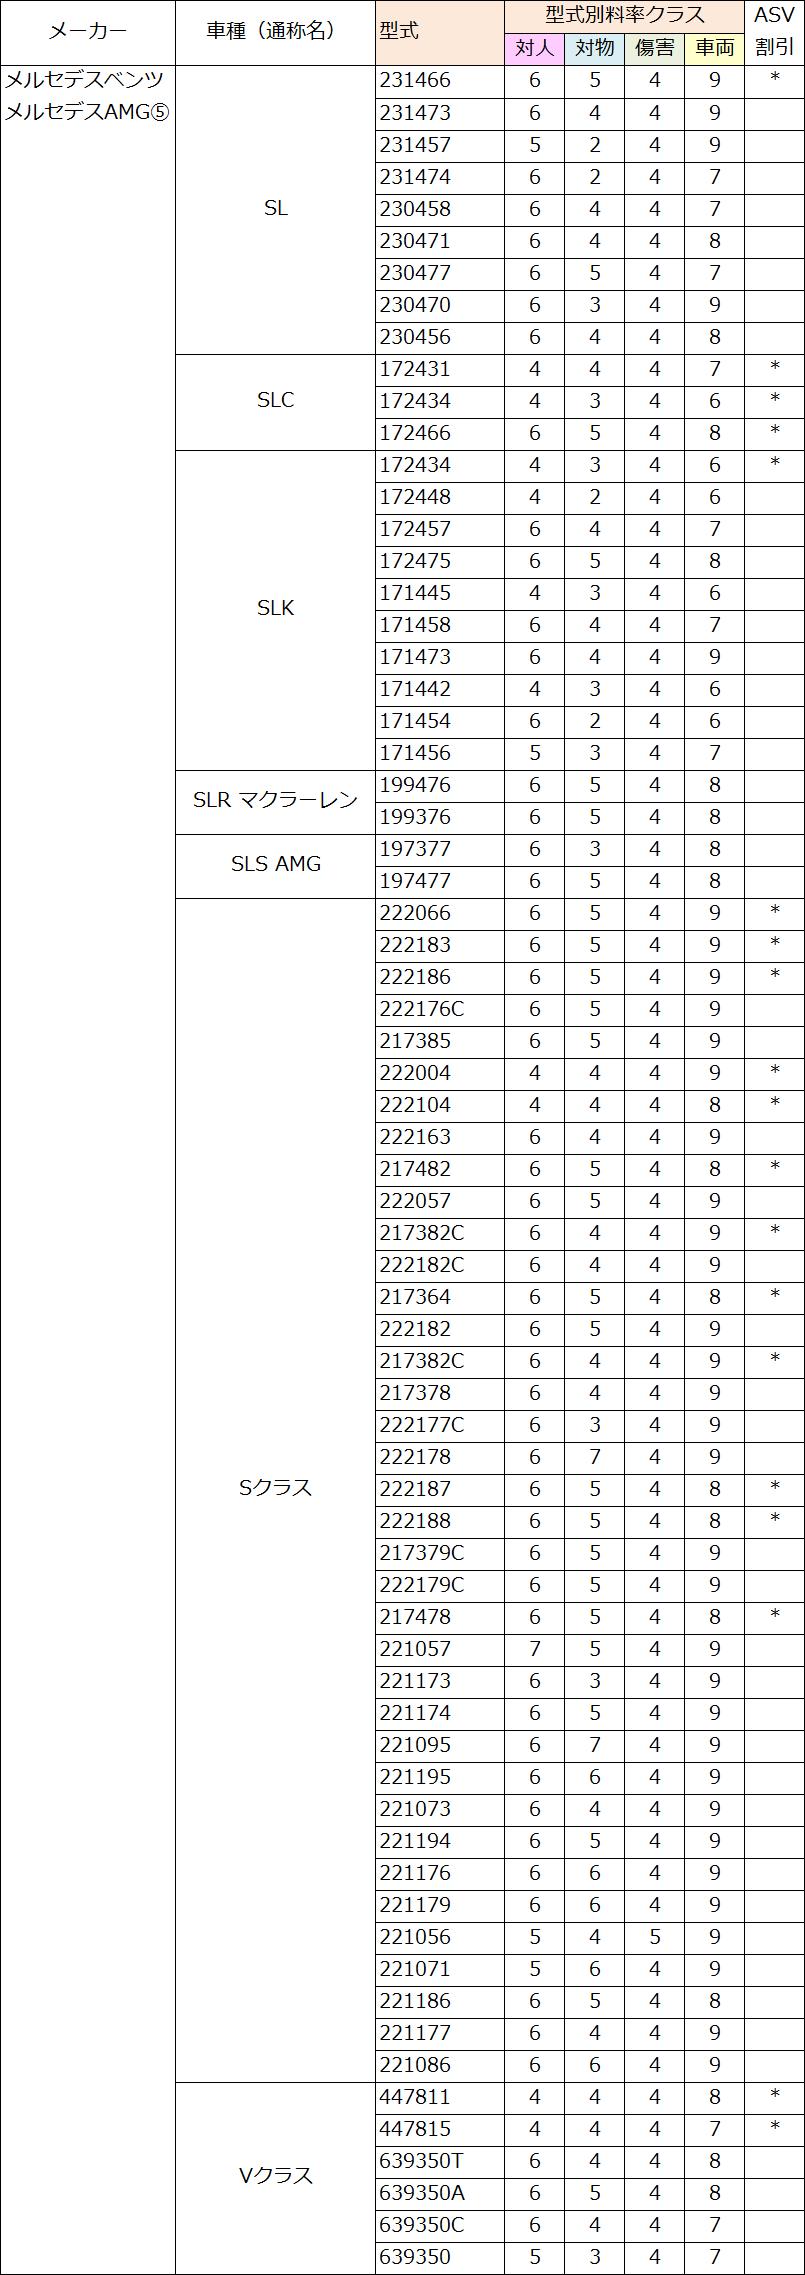 メルセデス・ベンツ(SL・SLC・SLK・SLR・SLS・S・V)の料率クラス